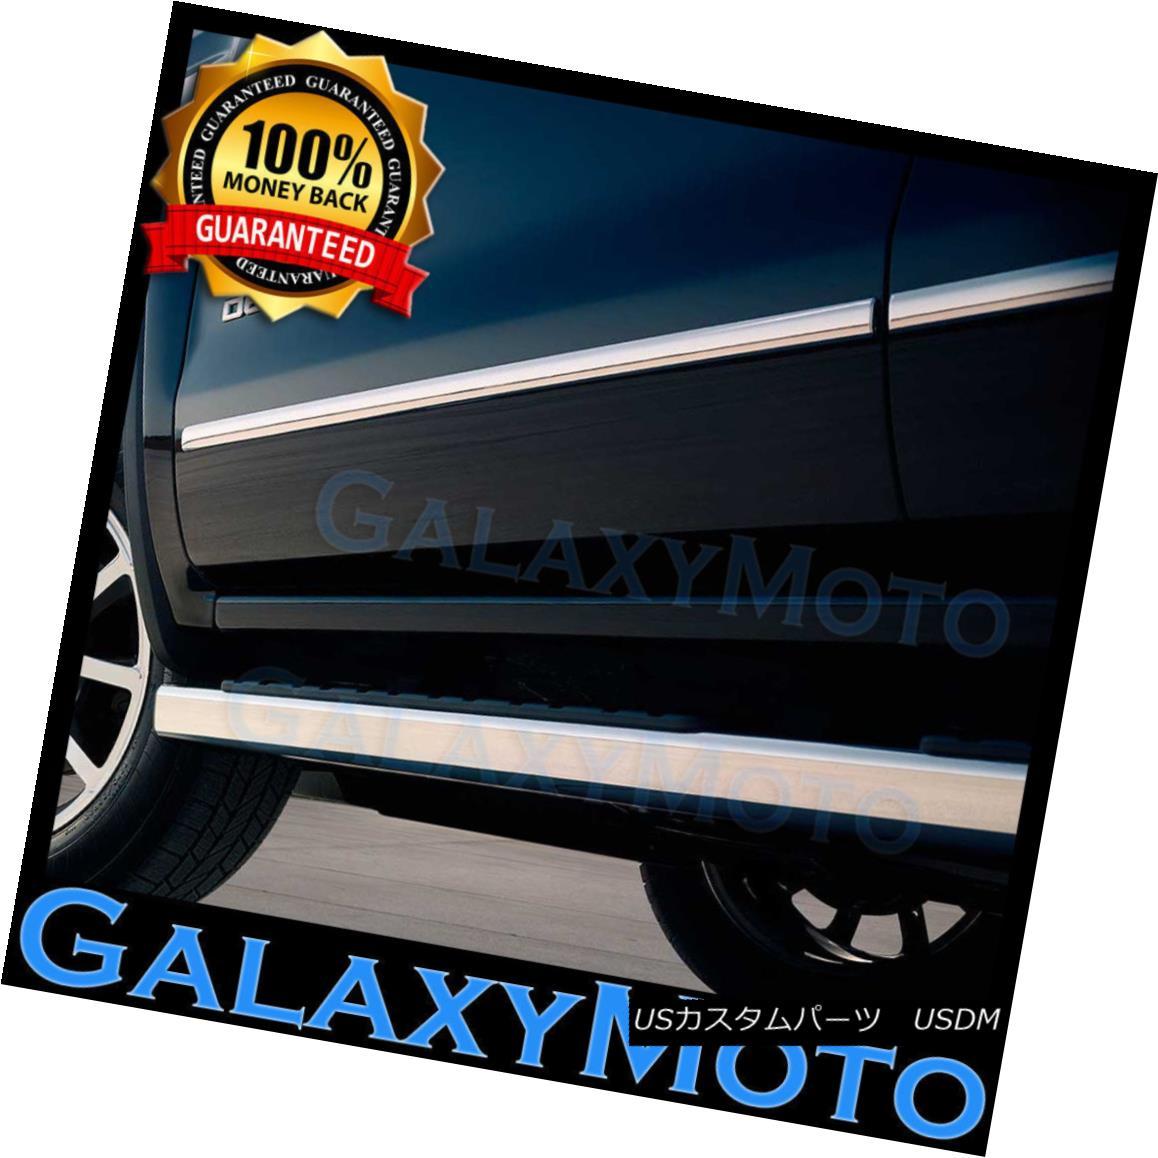 グリル 05-07 Ford Super Duty Extended Cab 4 Door Front+Rear Chrome Body Side Molding 05-07 Ford Super Duty拡張キャブ4ドアフロント+リアクロムボディサイドモールディング